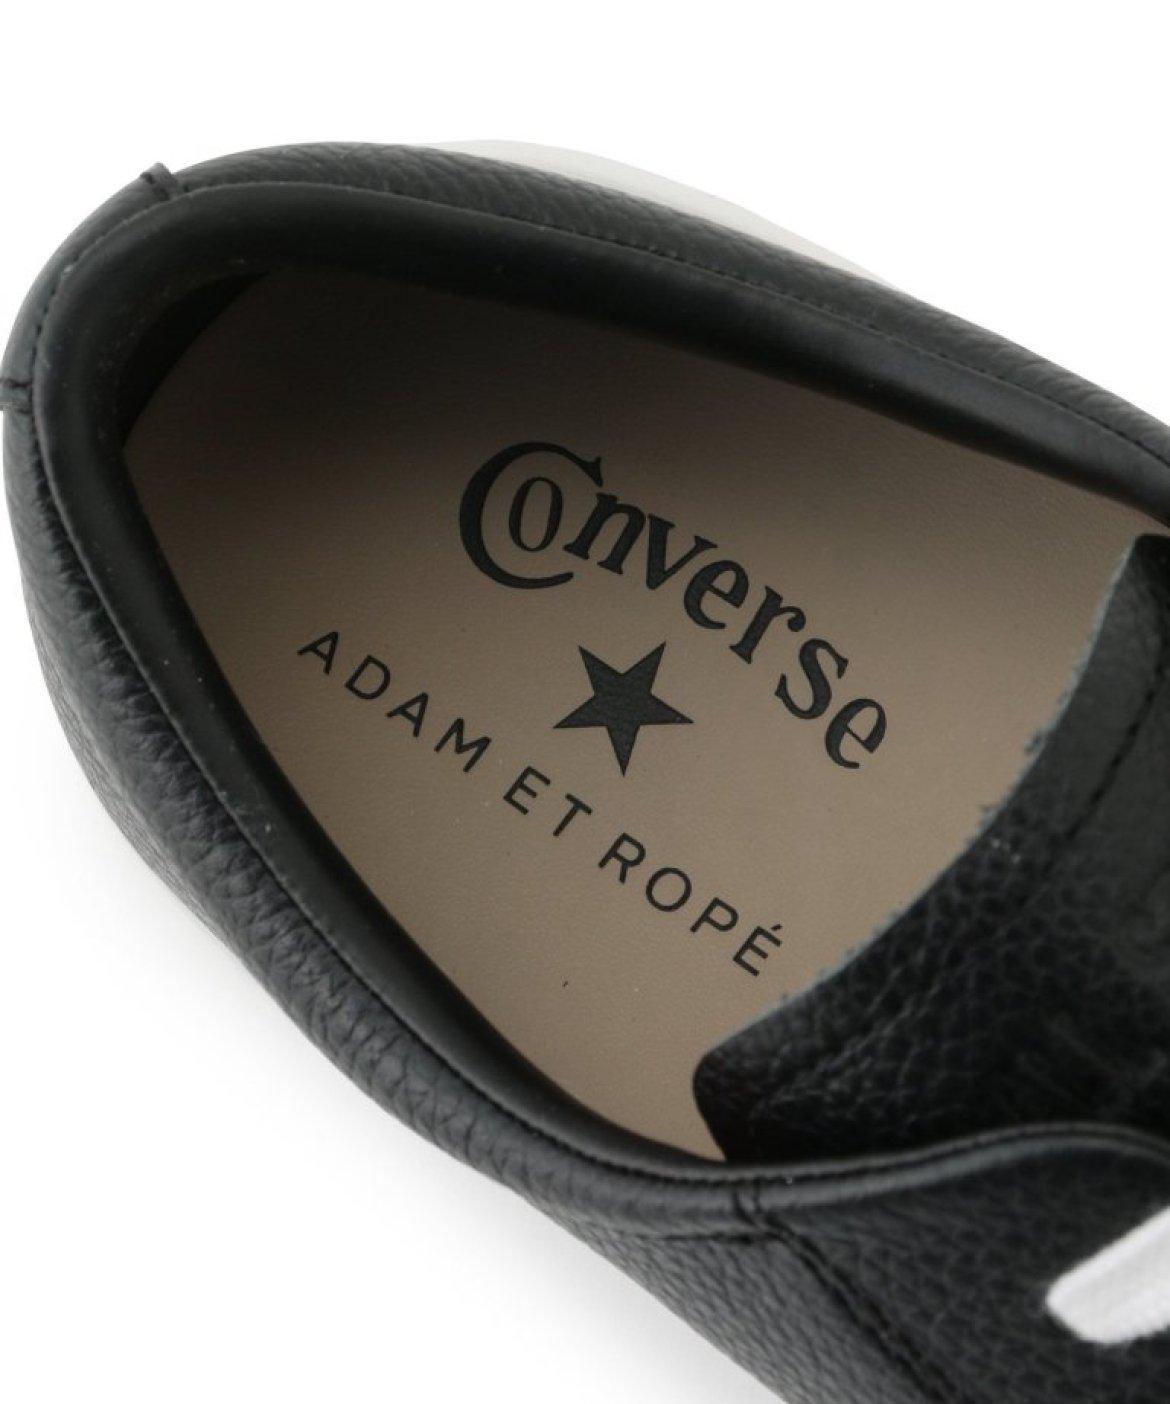 アダム エ ロペ × コンバース レザー オールスター クップ (ウィメンズ) adam-et-rope-converse-leather-all-star-coupe-ox-EUA71000-insole